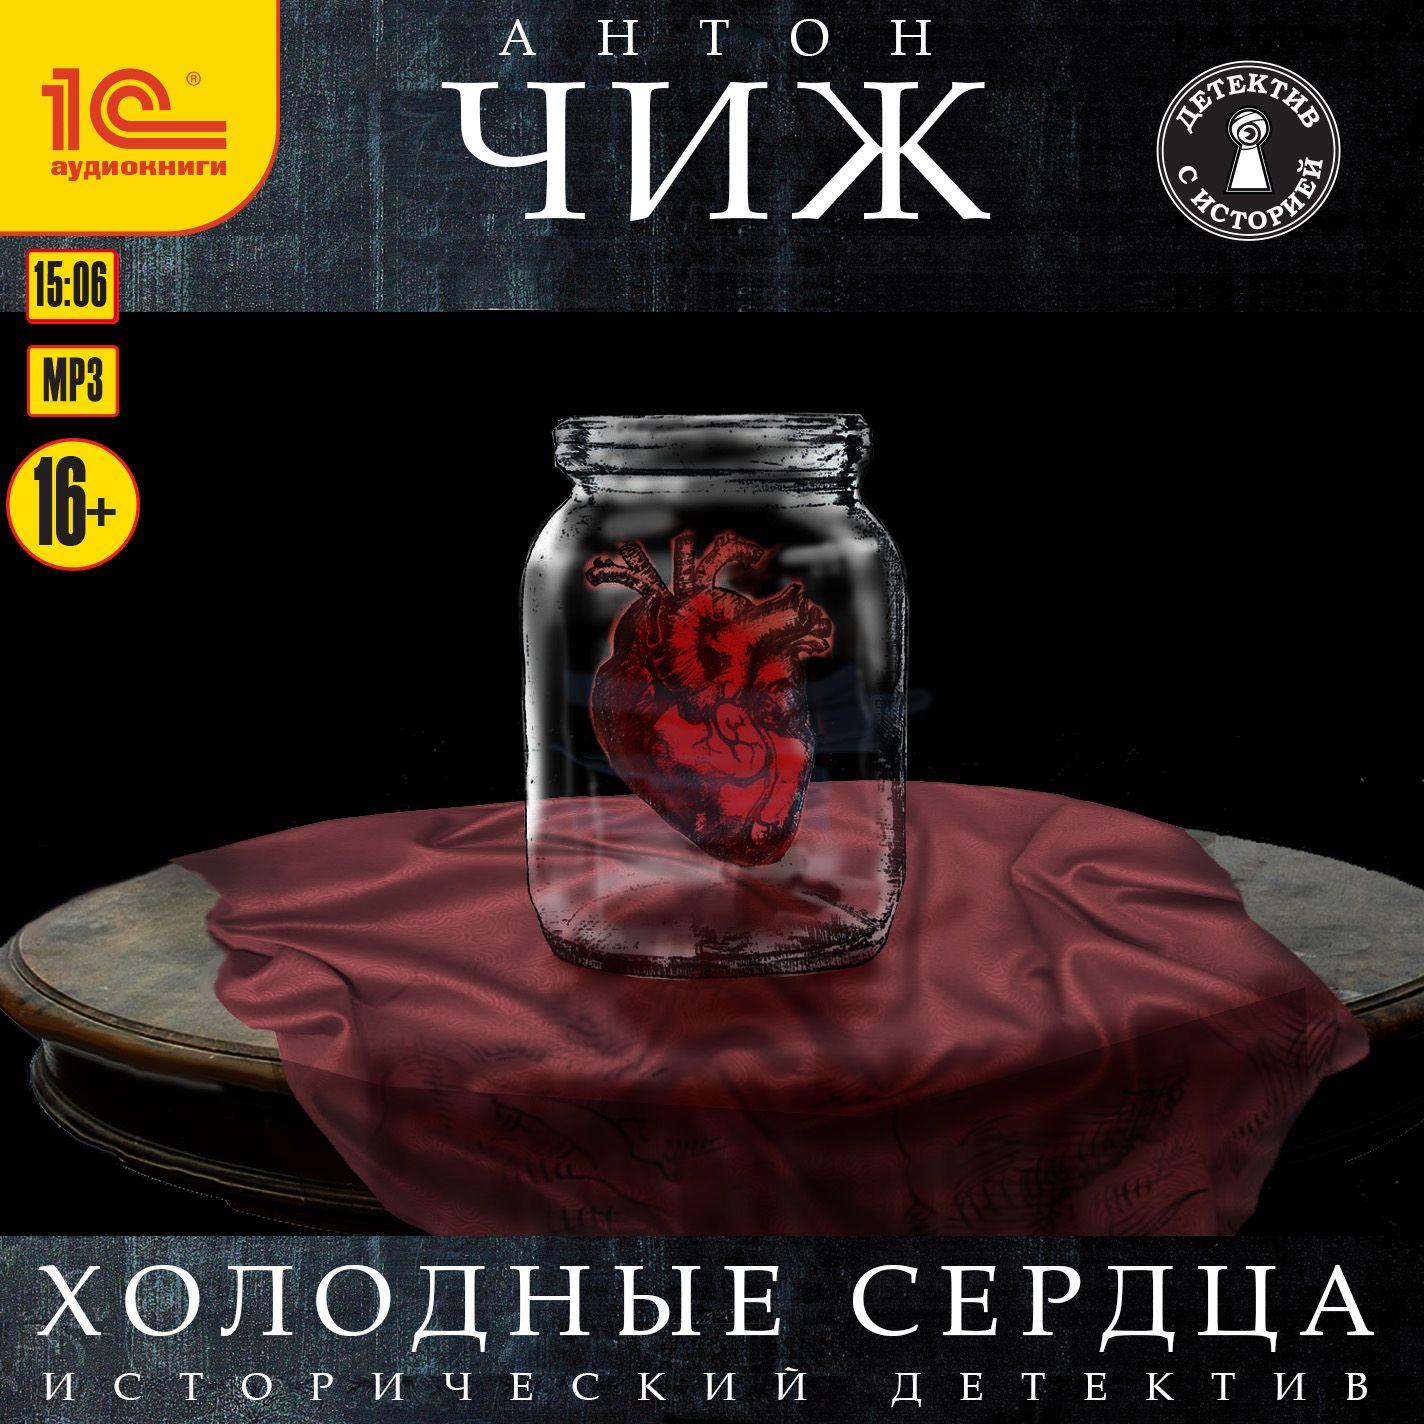 Купить книгу Холодные сердца, автора Антона Чижа